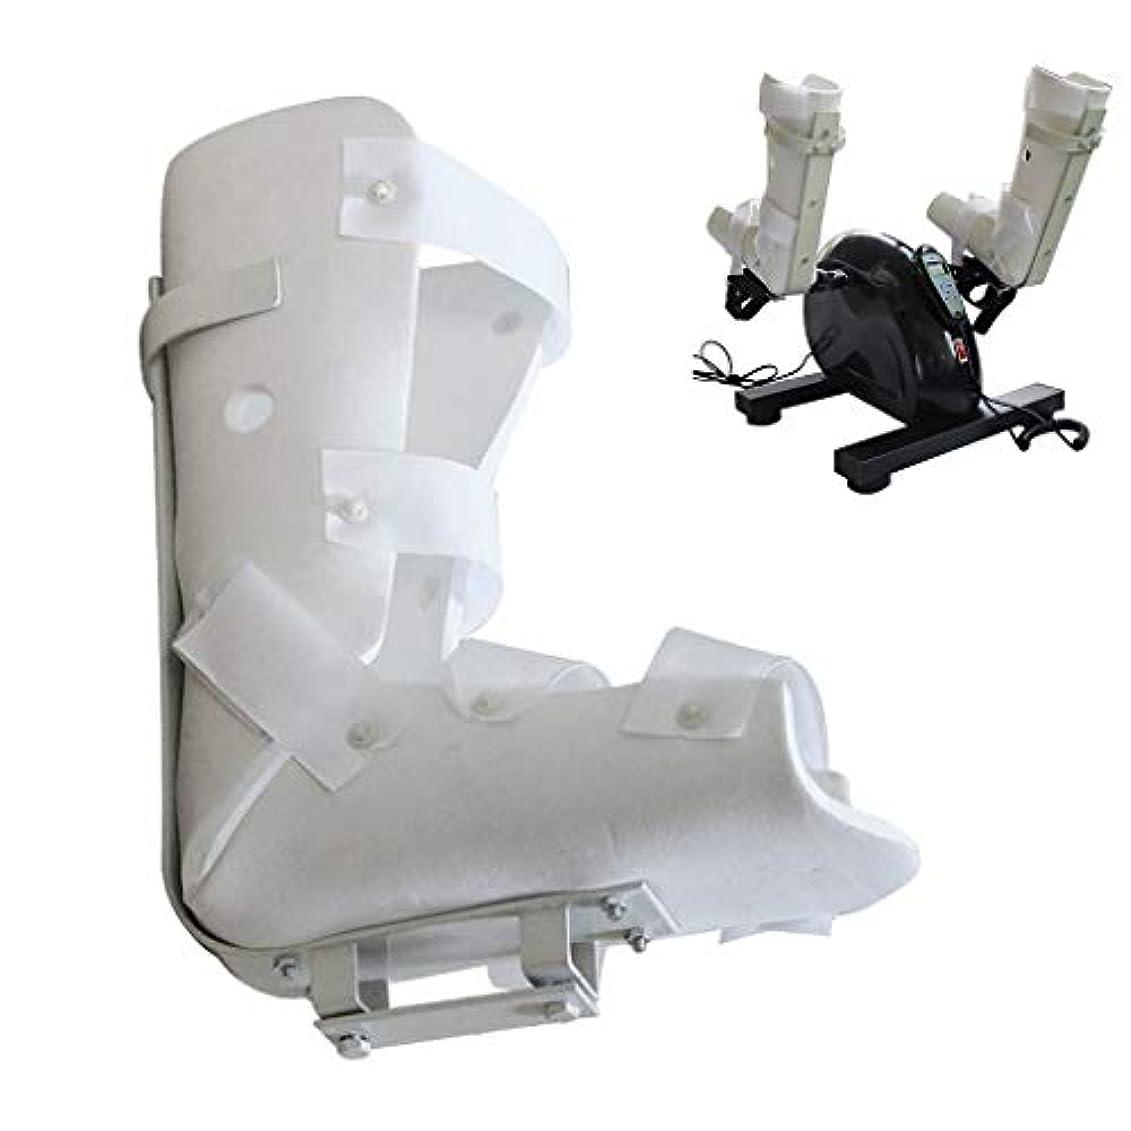 女王窓ポゴスティックジャンプ電子理学療法コンフォートソフトスプリント、ハンディキャップ障害者および脳卒中サバイバー、1ペア用のリハビリバイクペダル電動トレーナーの脚サポート